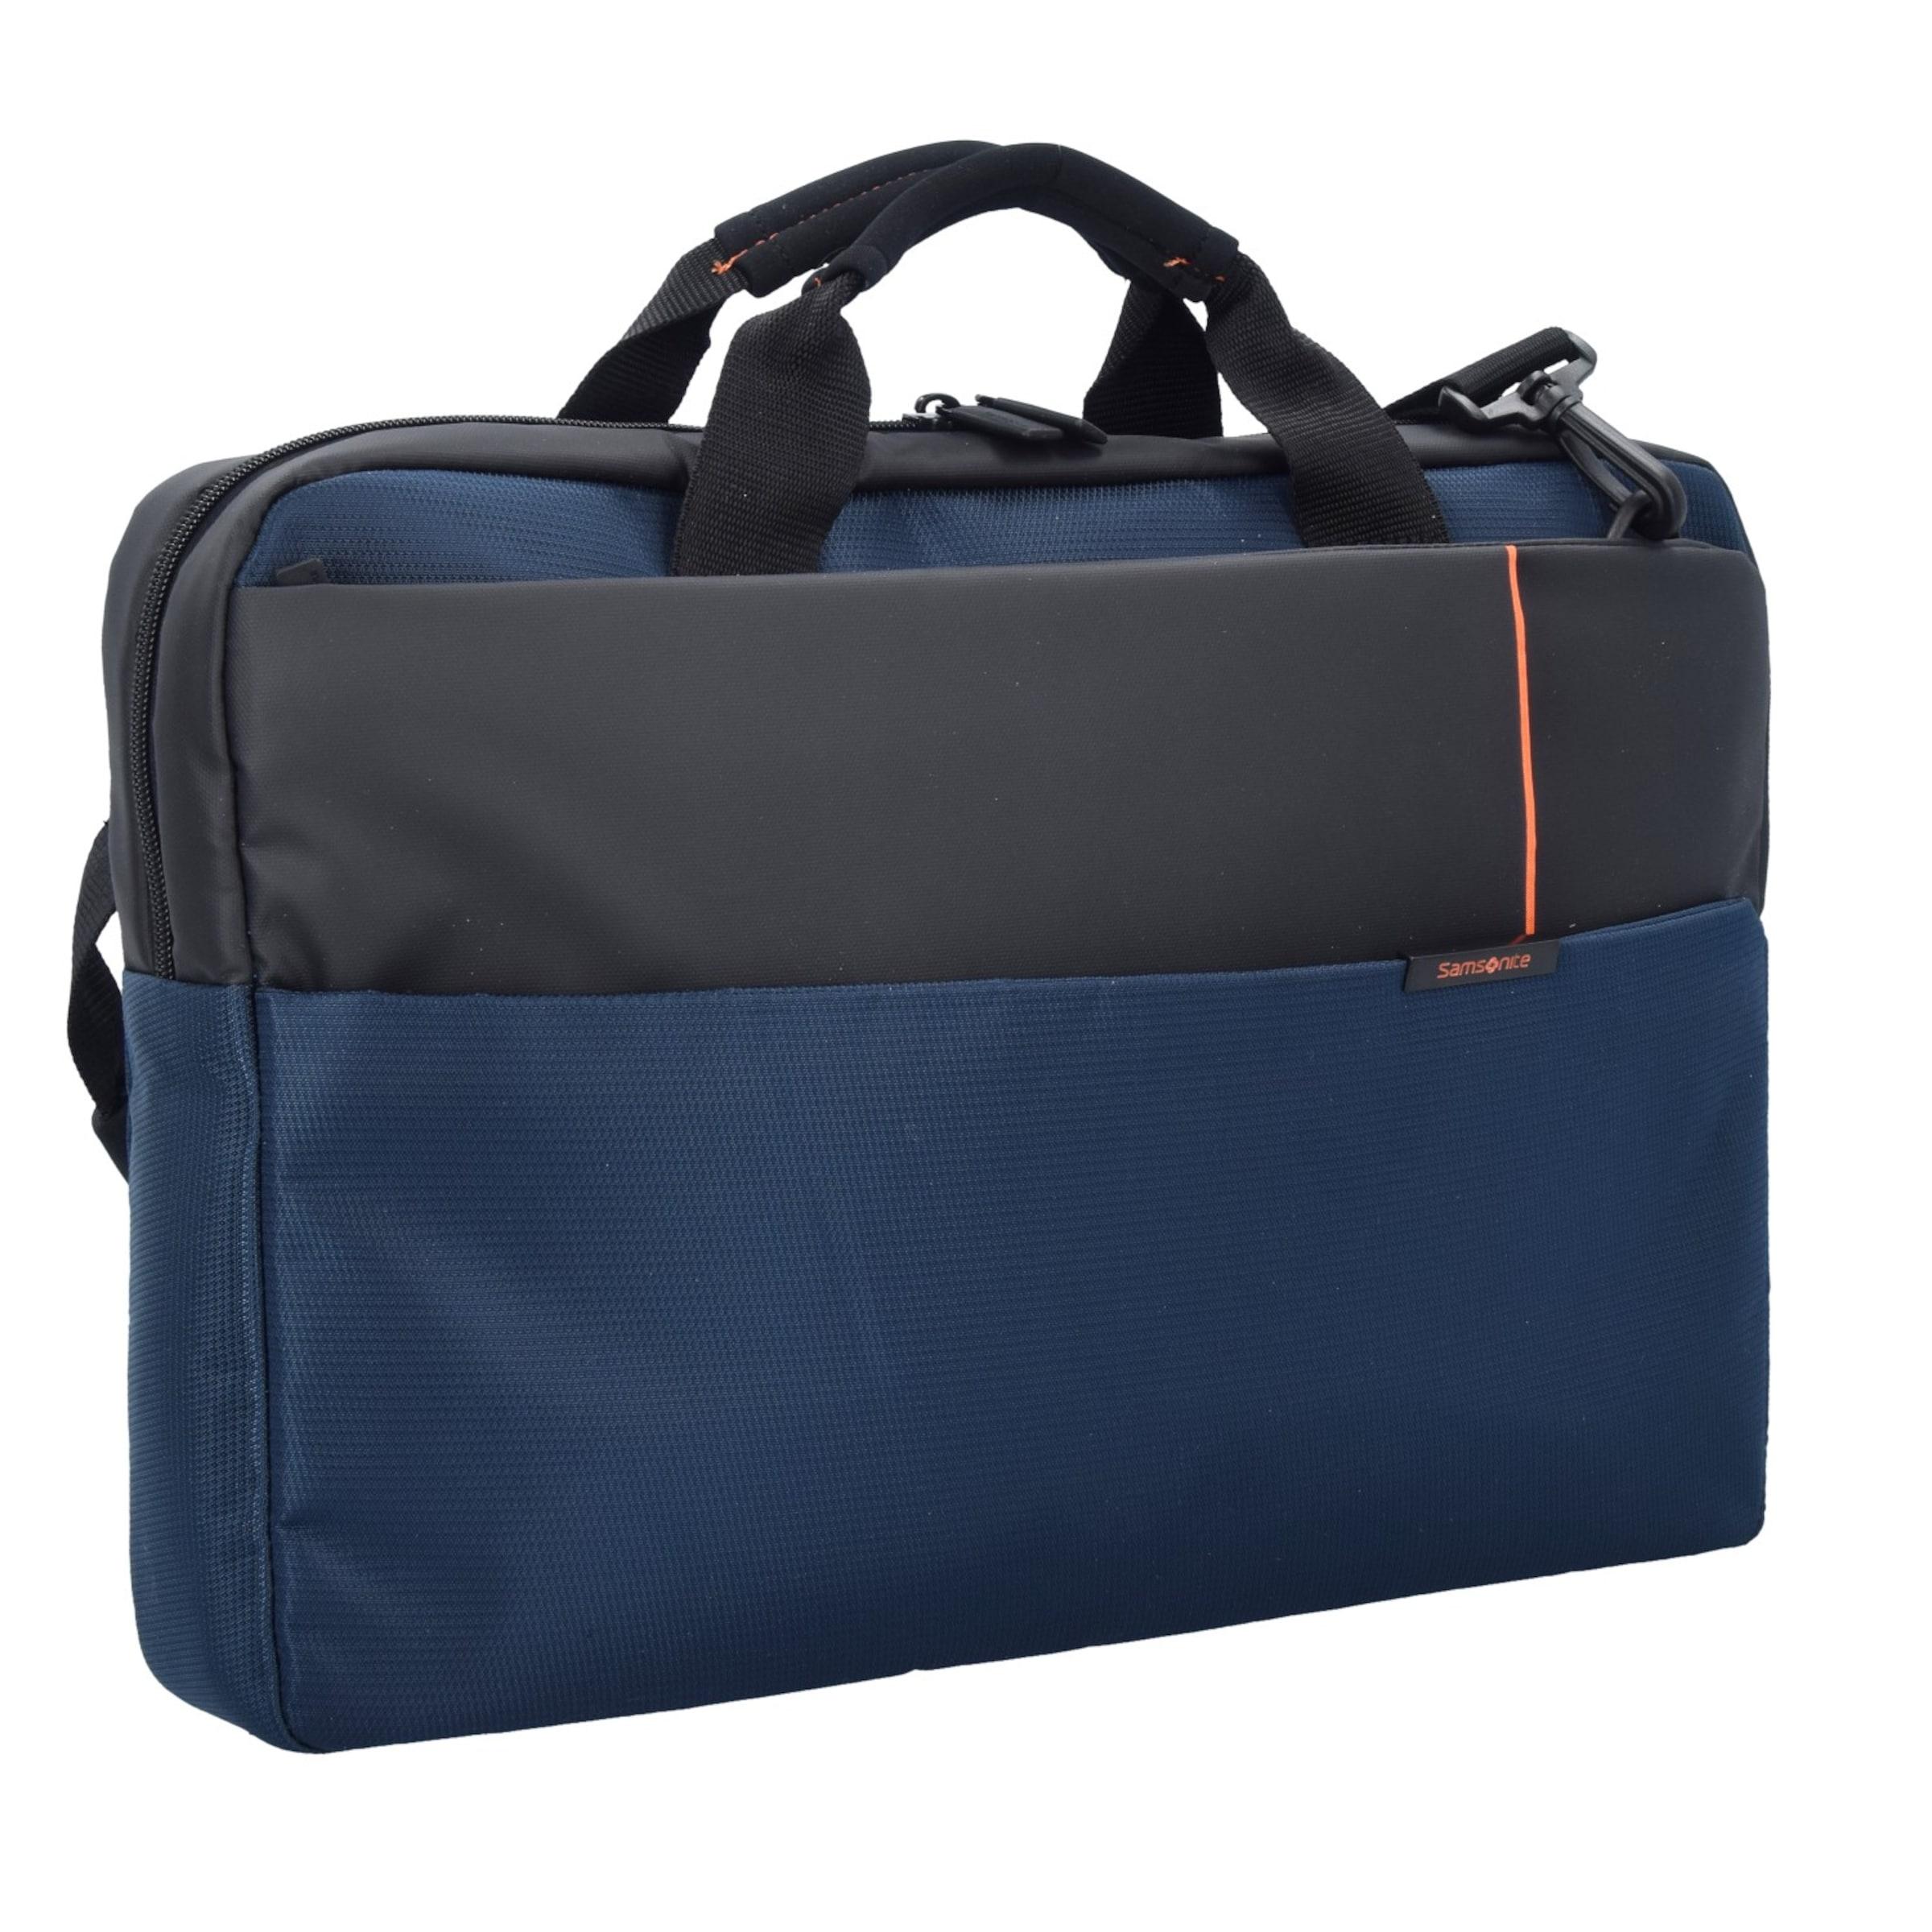 SAMSONITE Qibyte Businesstasche 44 cm Laptopfach Verkauf Online-Shopping Rabatt Günstigsten Preis Neue Stile Verkauf Bestseller z9r05NXsp